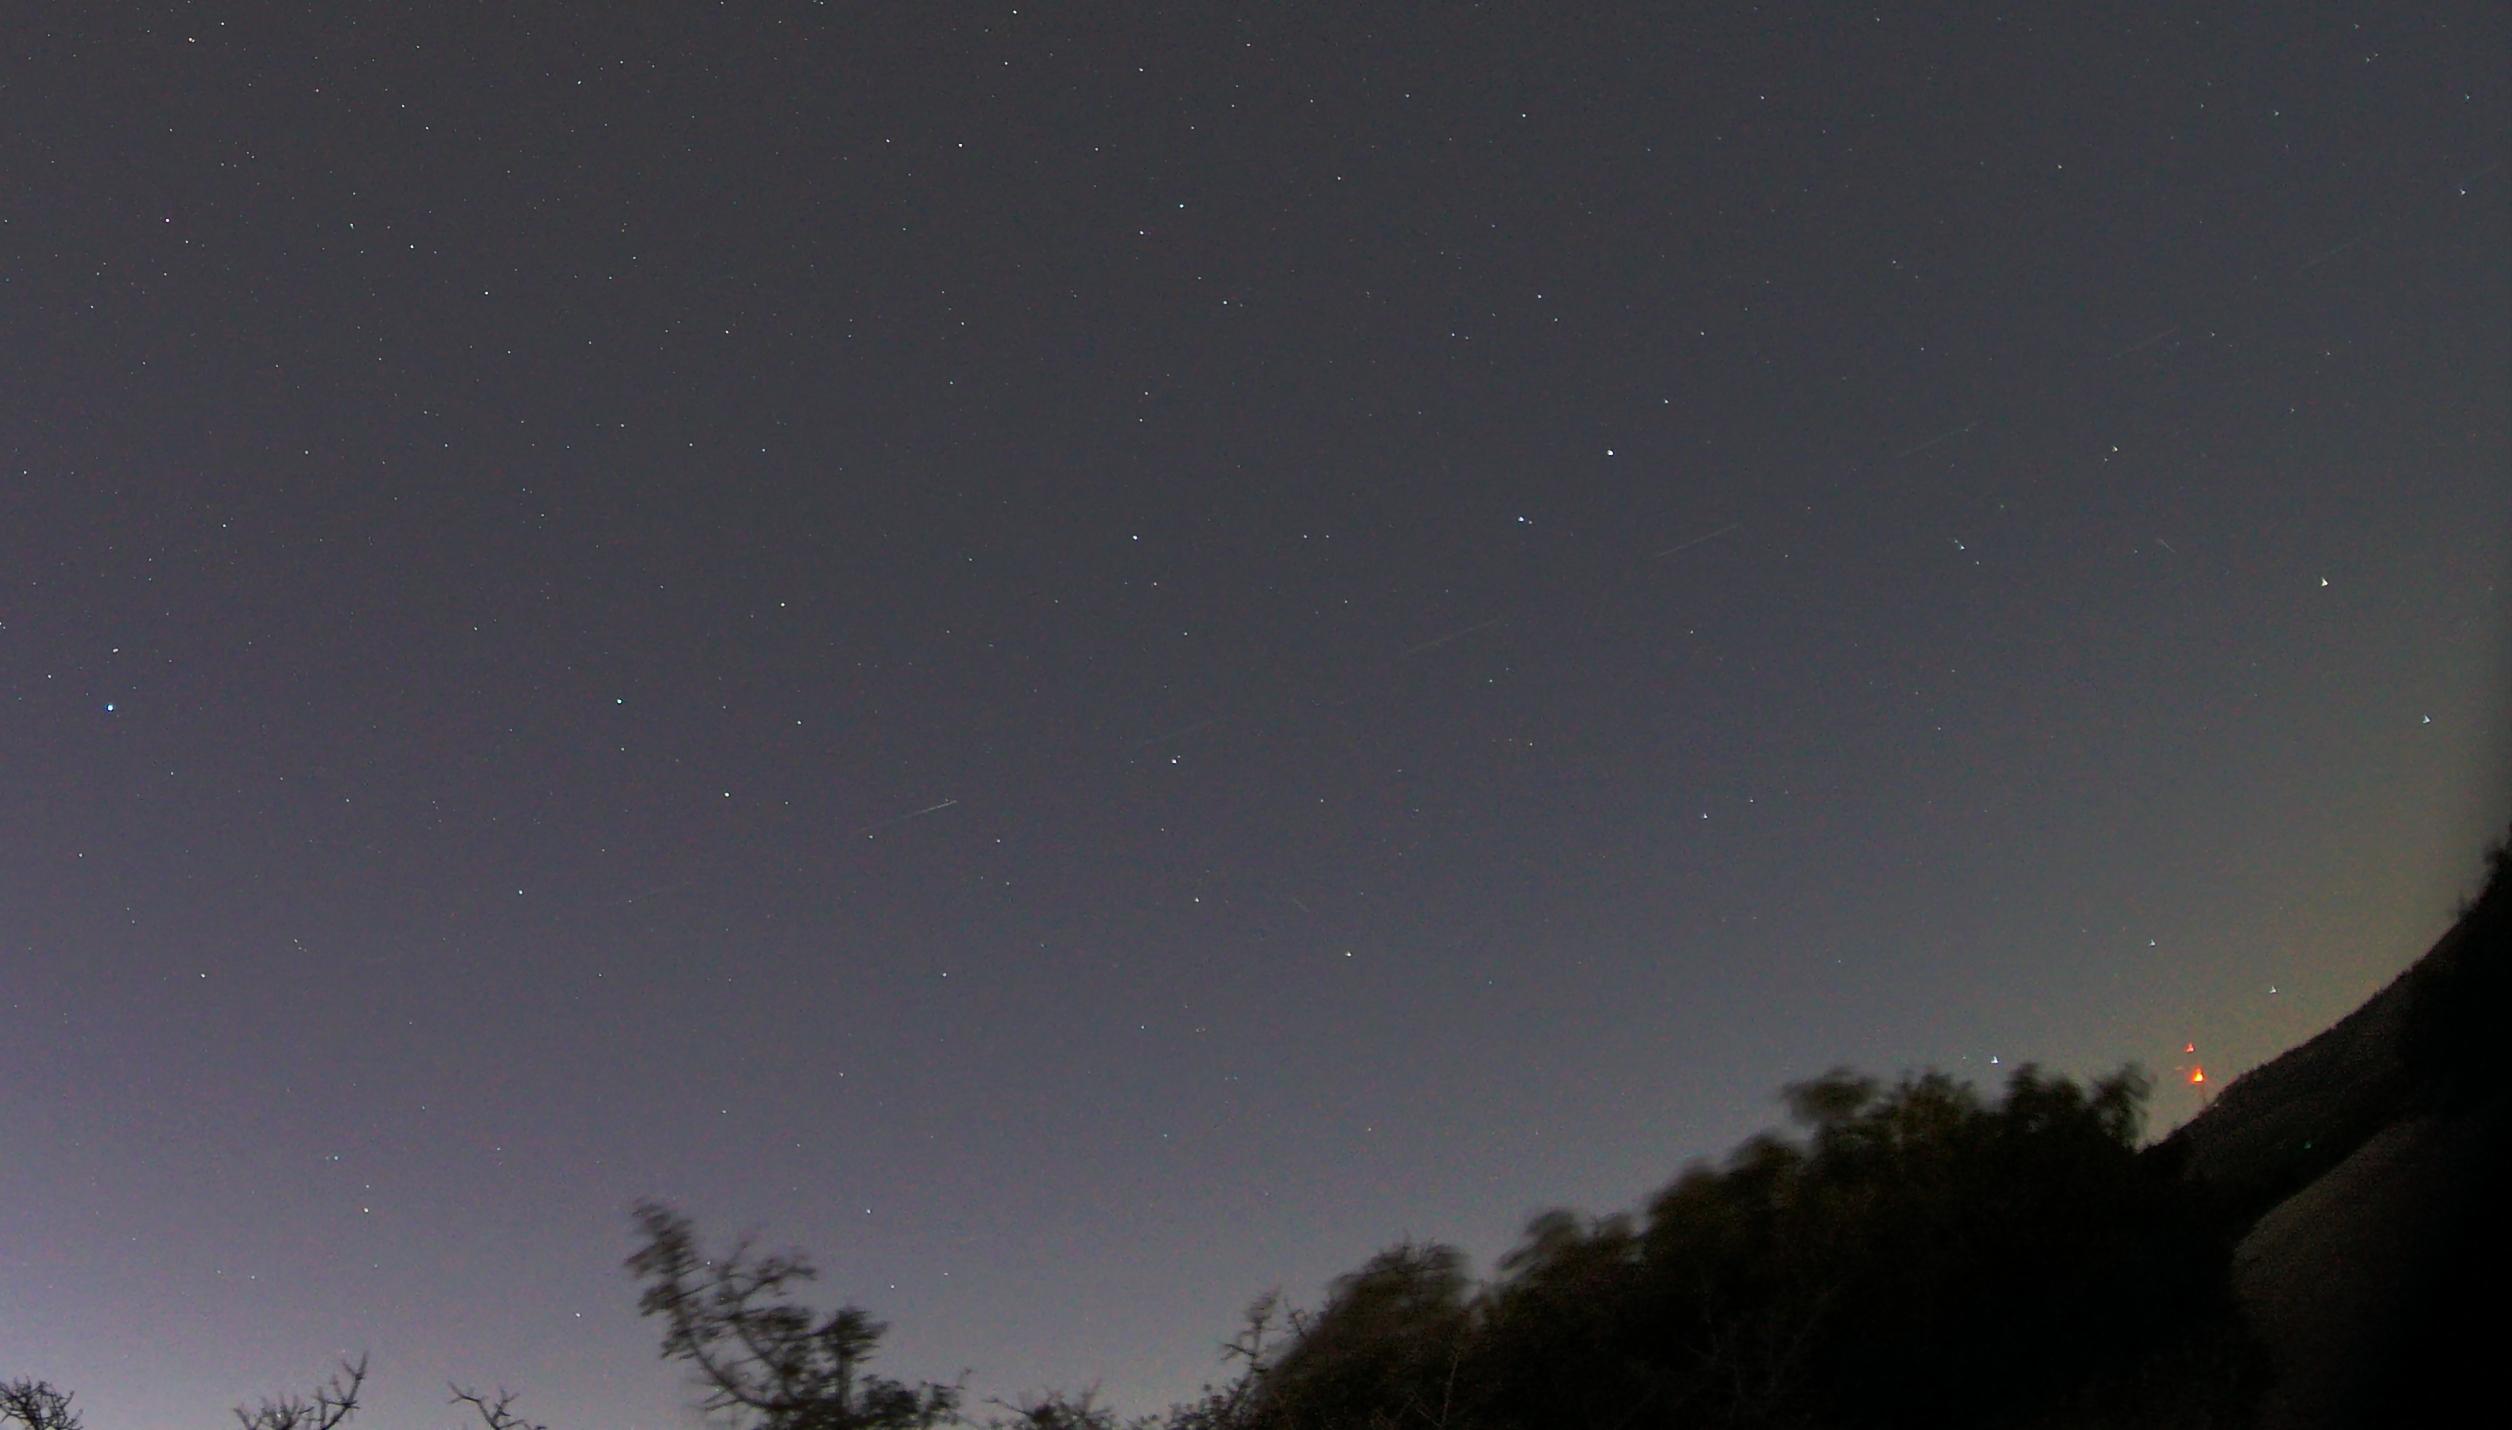 Starlink-27-12-2019-zoom.jpg